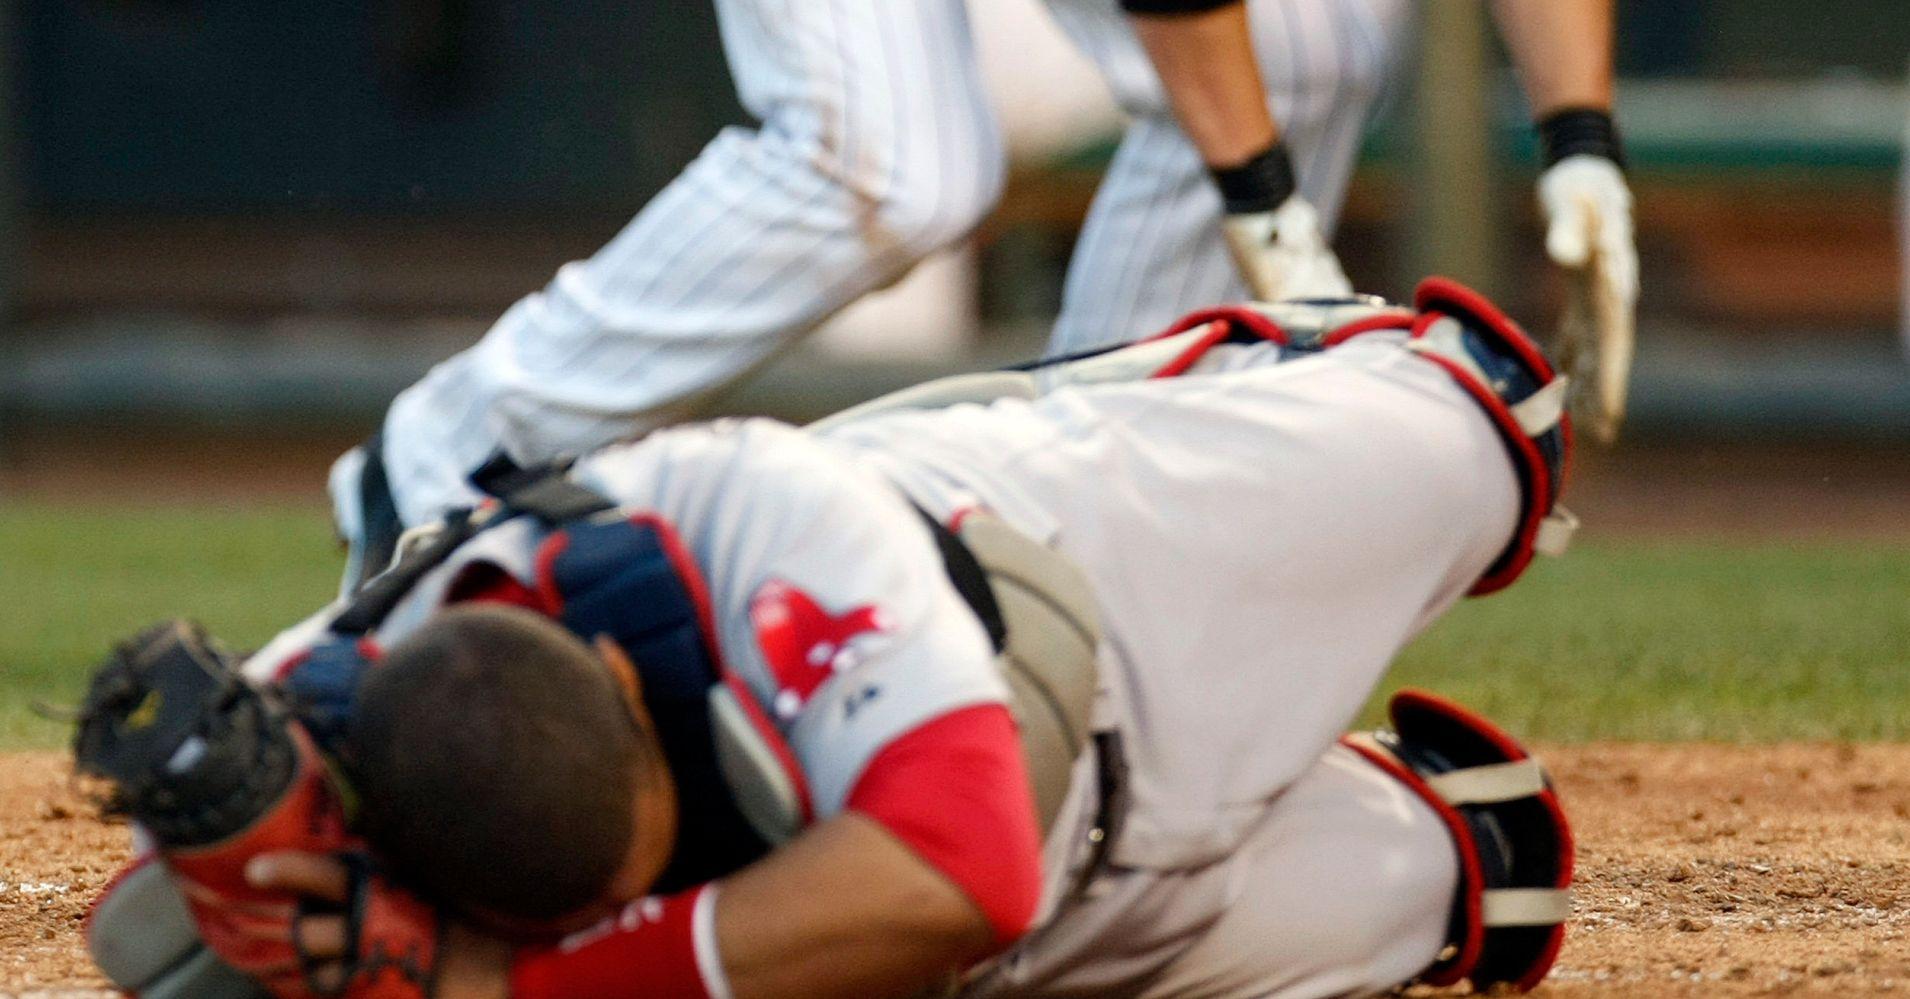 and Baseball teens injuries